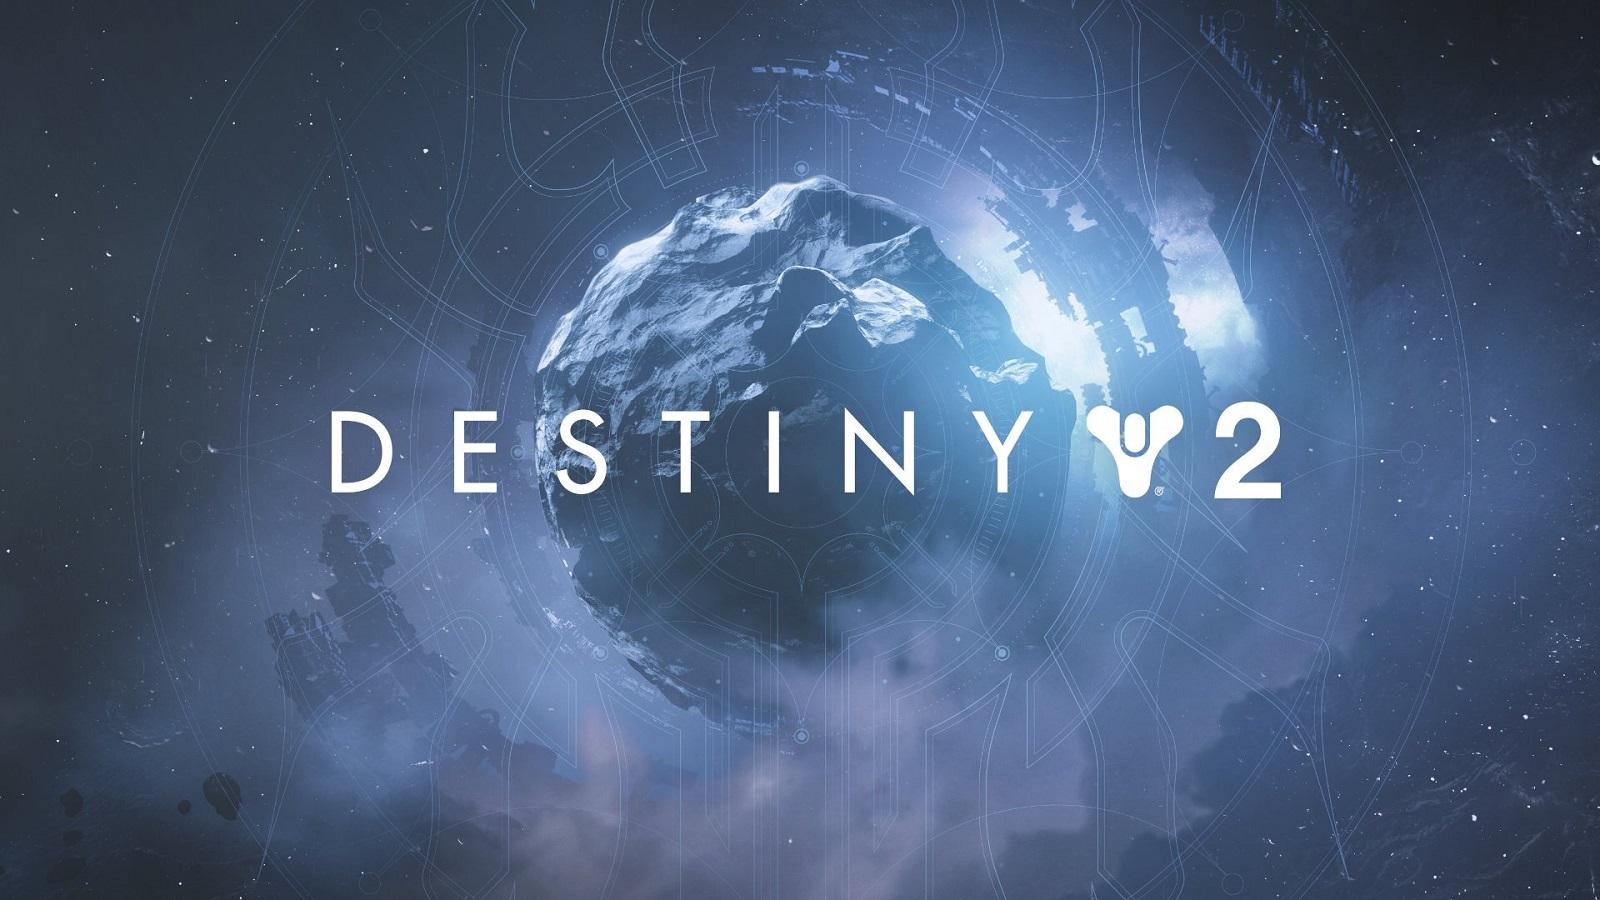 Destiny 2 Beyond Light title screen